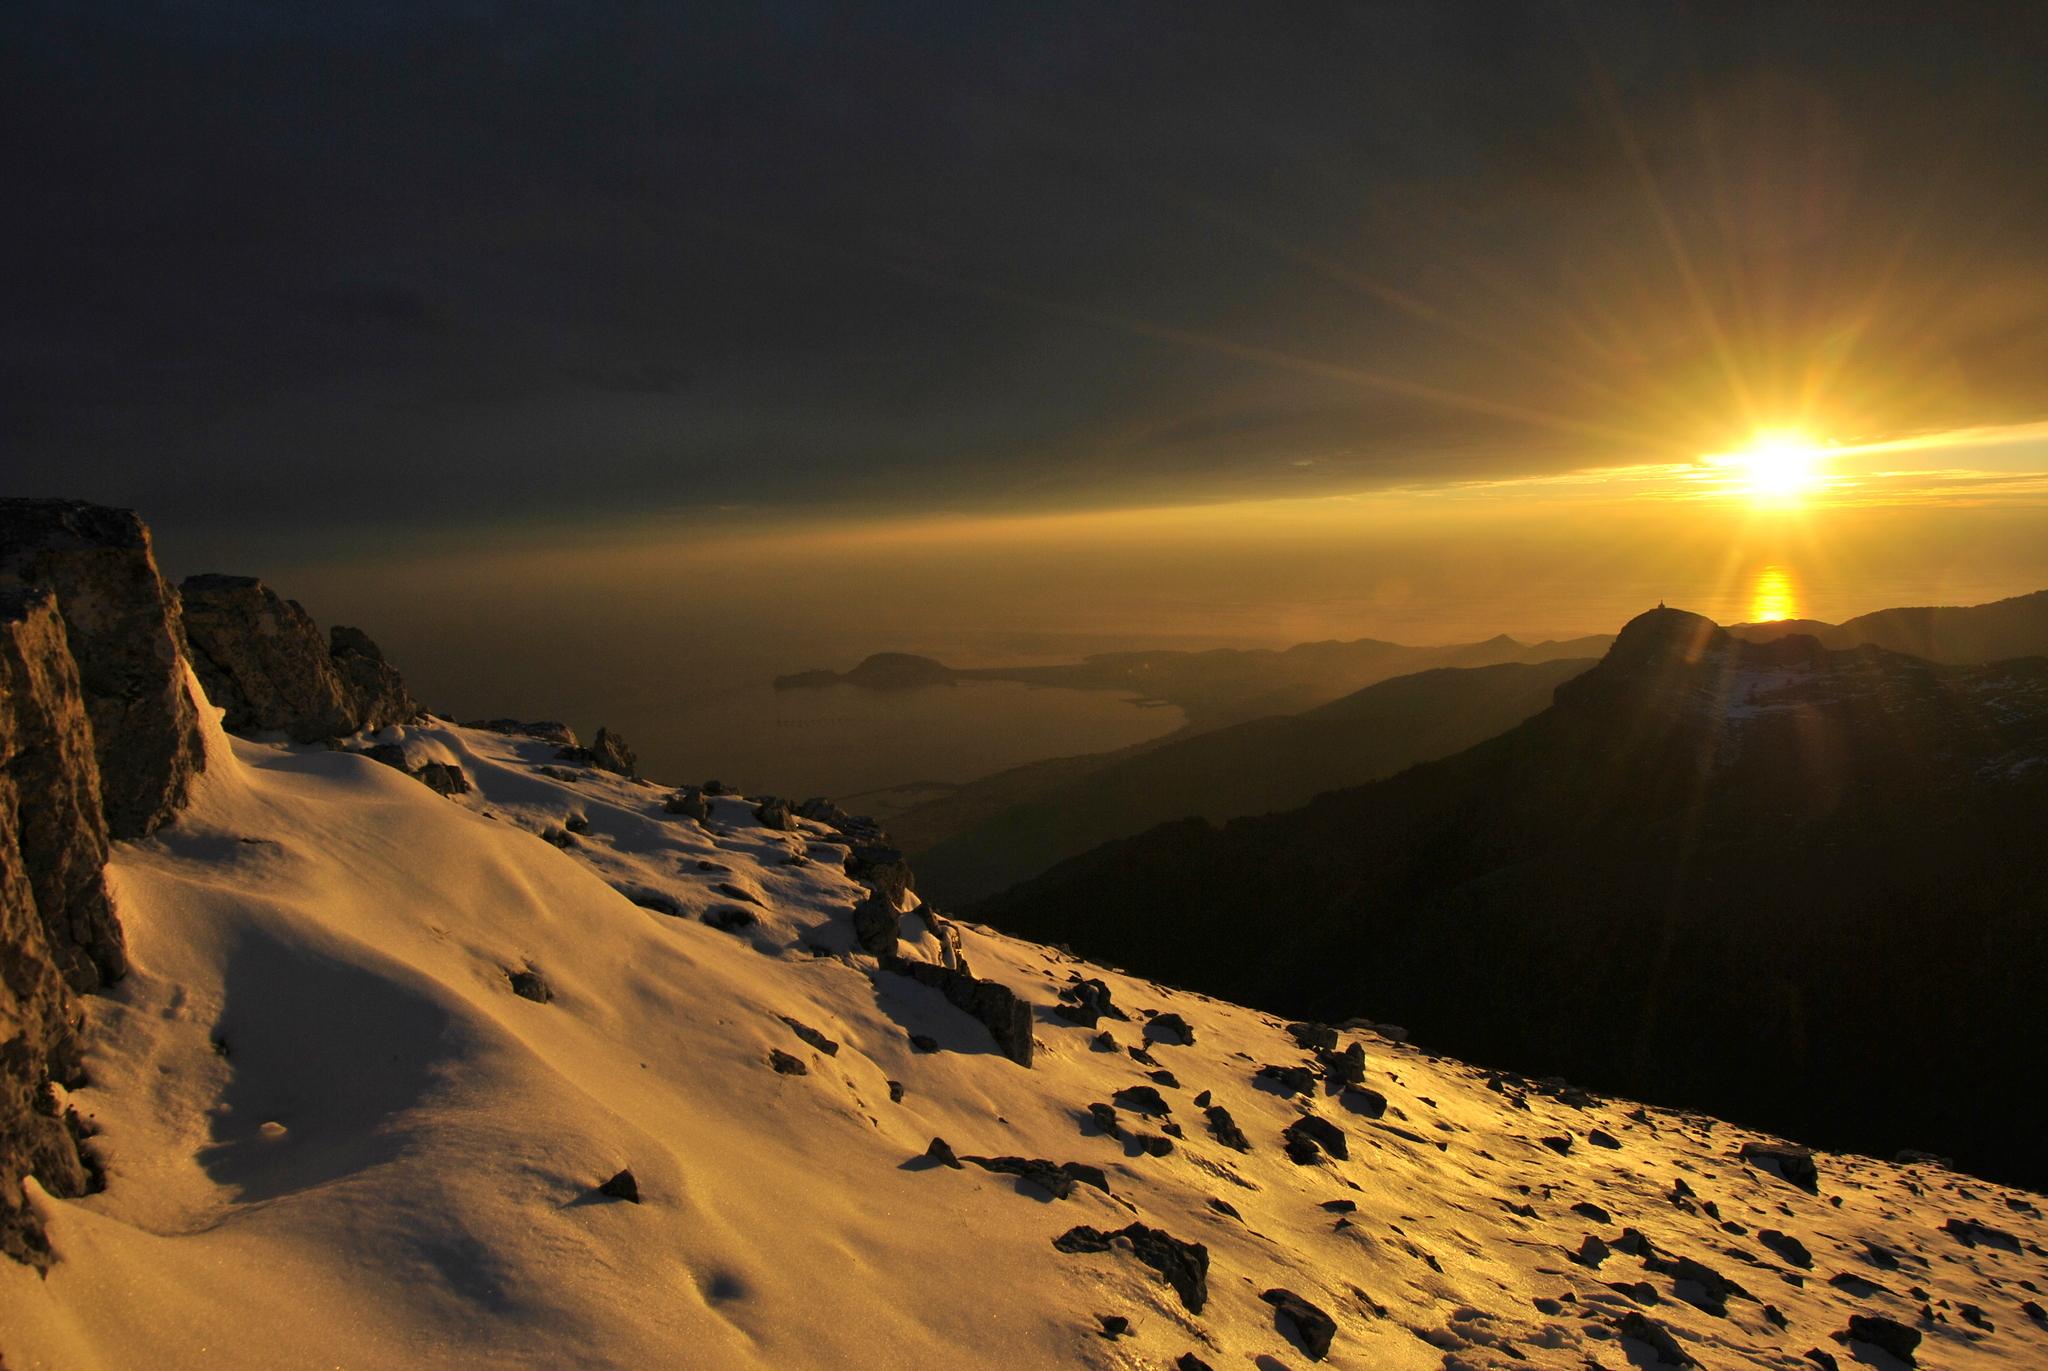 The sun suddenly ......